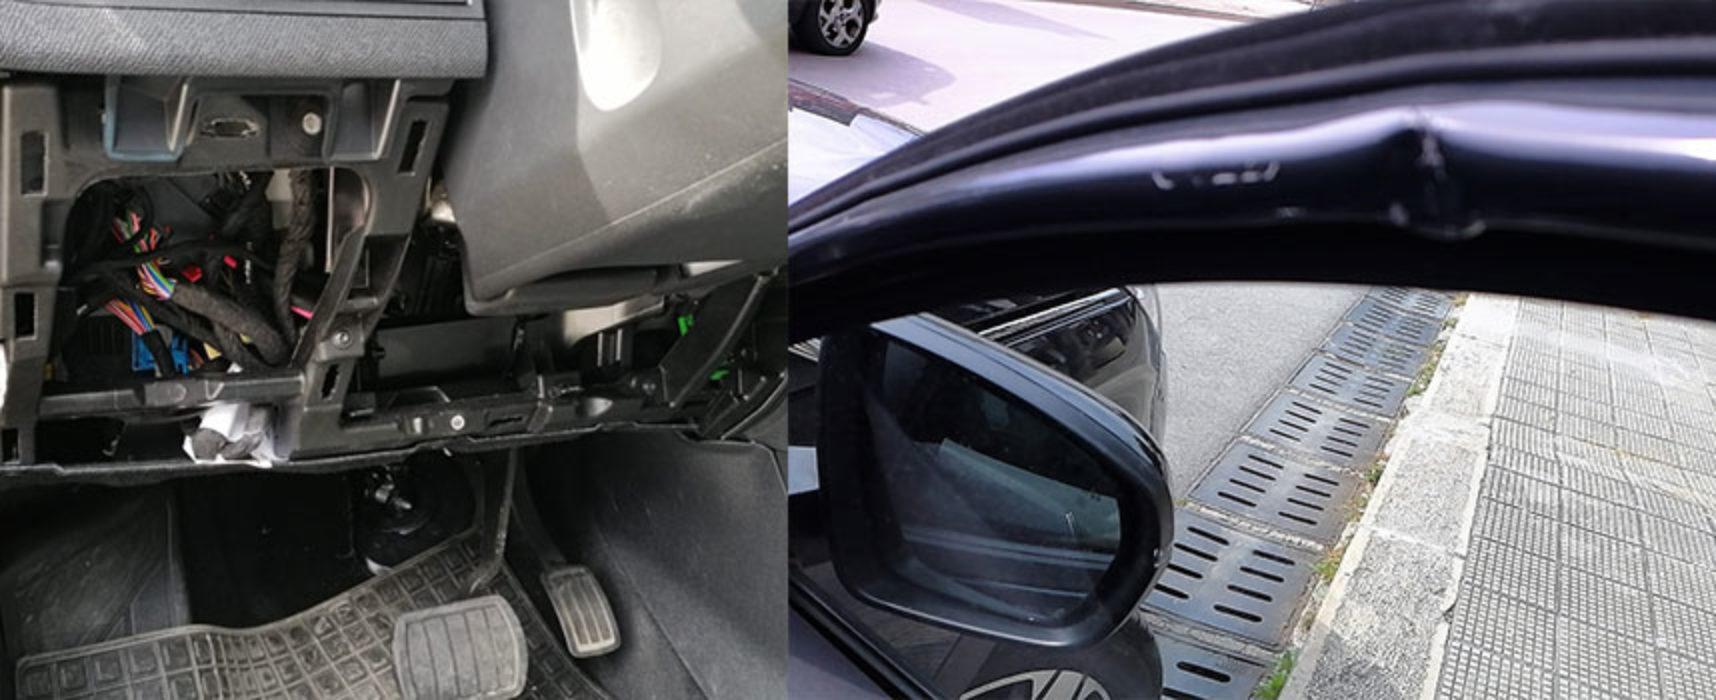 Polizia Locale evita furto di un'auto in via San Martino